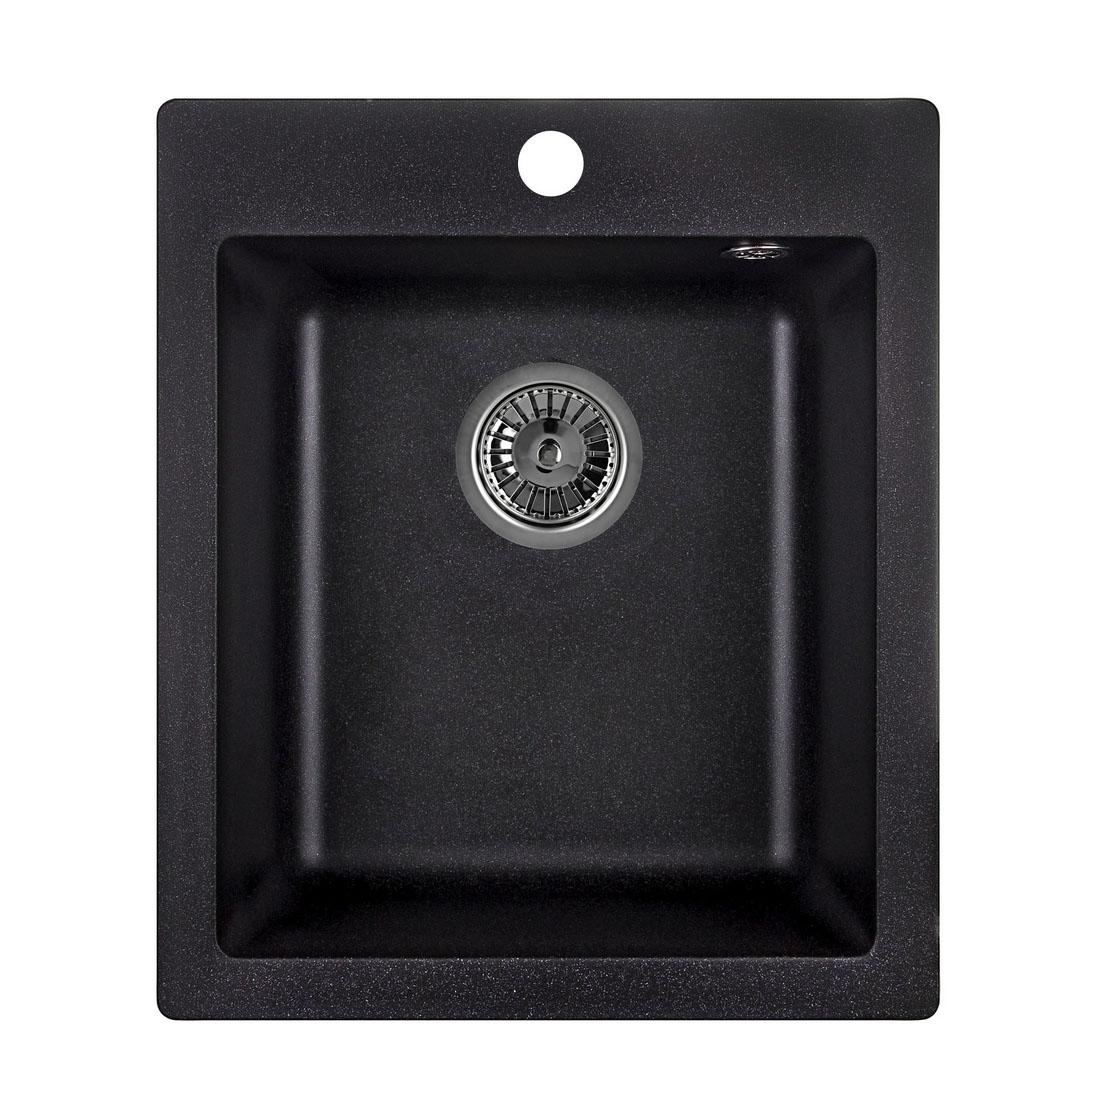 Кухонная мойка Granula GR-4201 415х490 черный кухонная мойка teka centroval mic